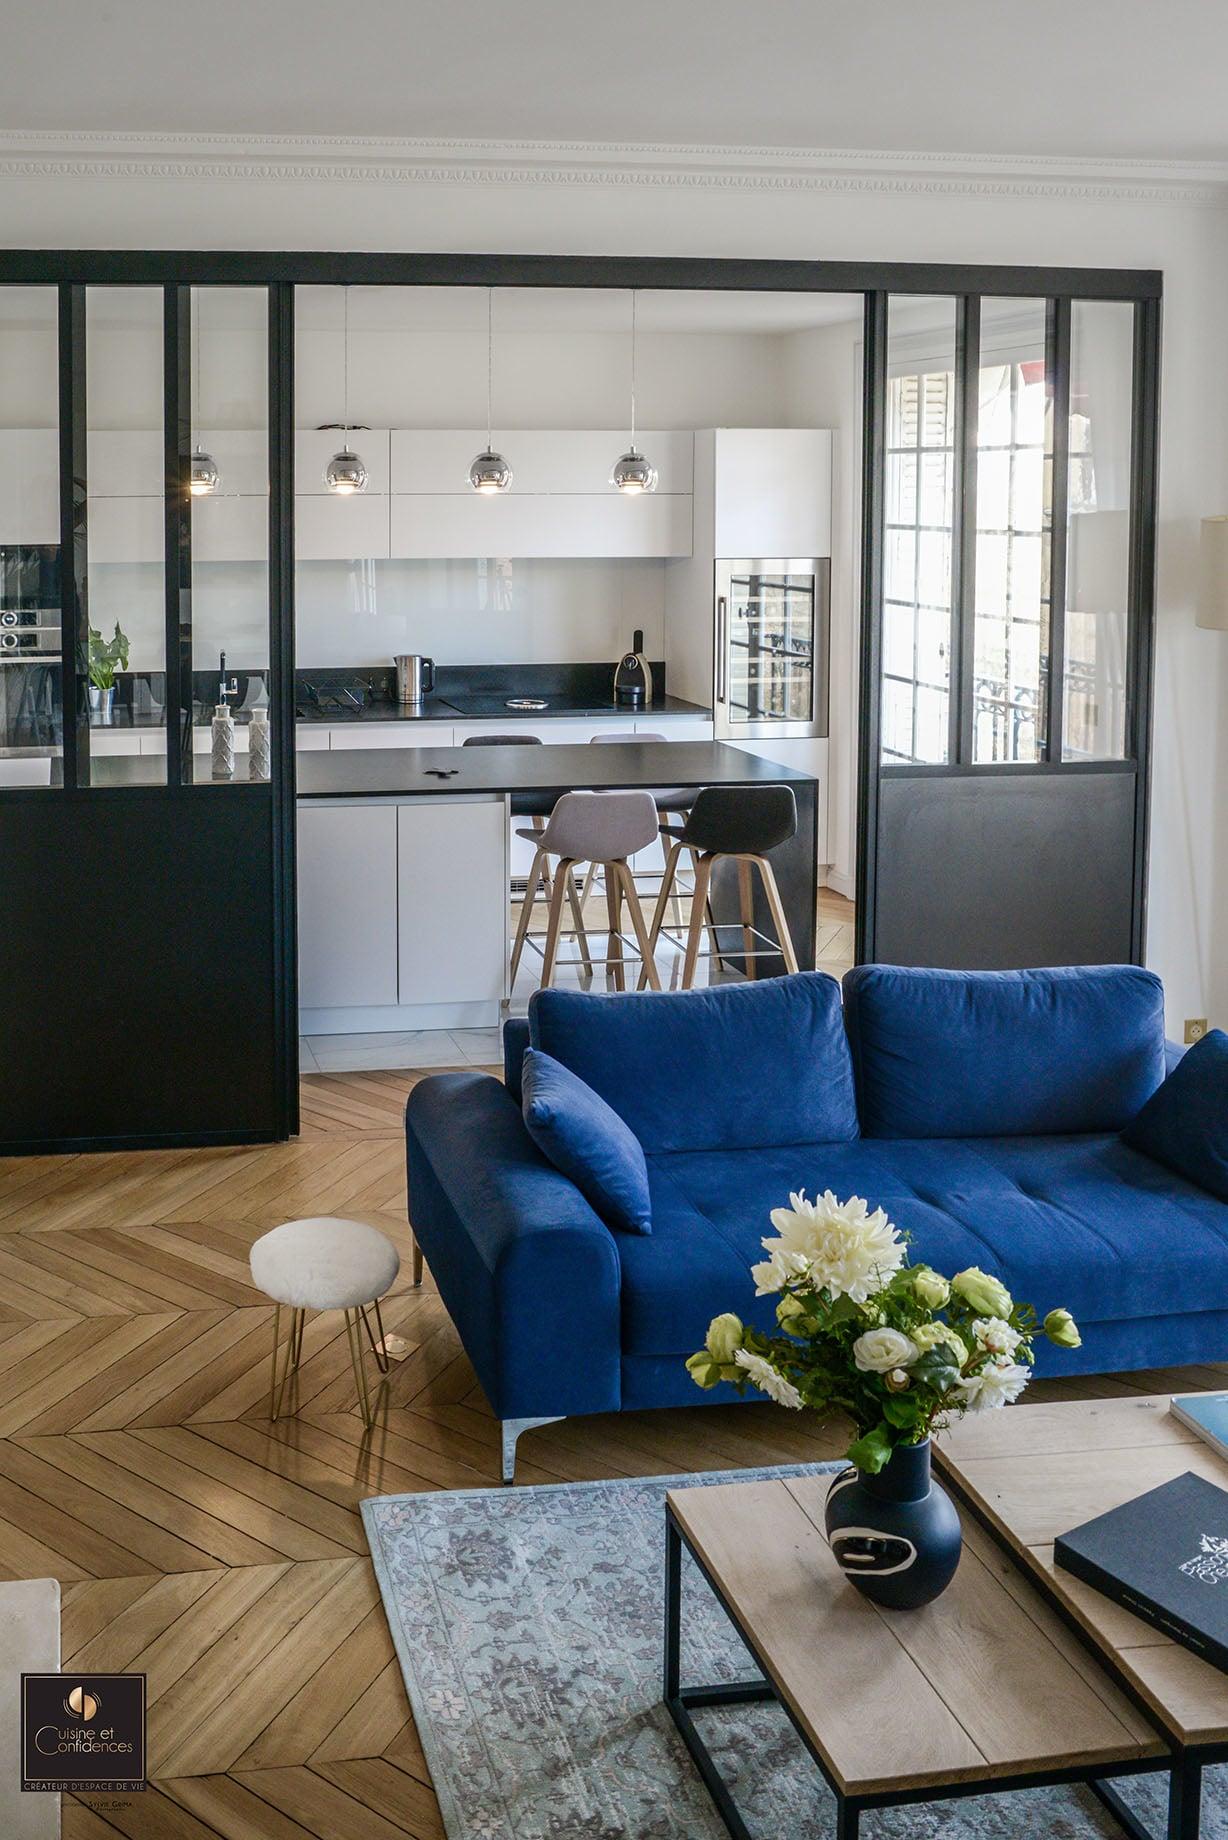 magnifique cuisine aux lignes pur es cuisine et confidences. Black Bedroom Furniture Sets. Home Design Ideas